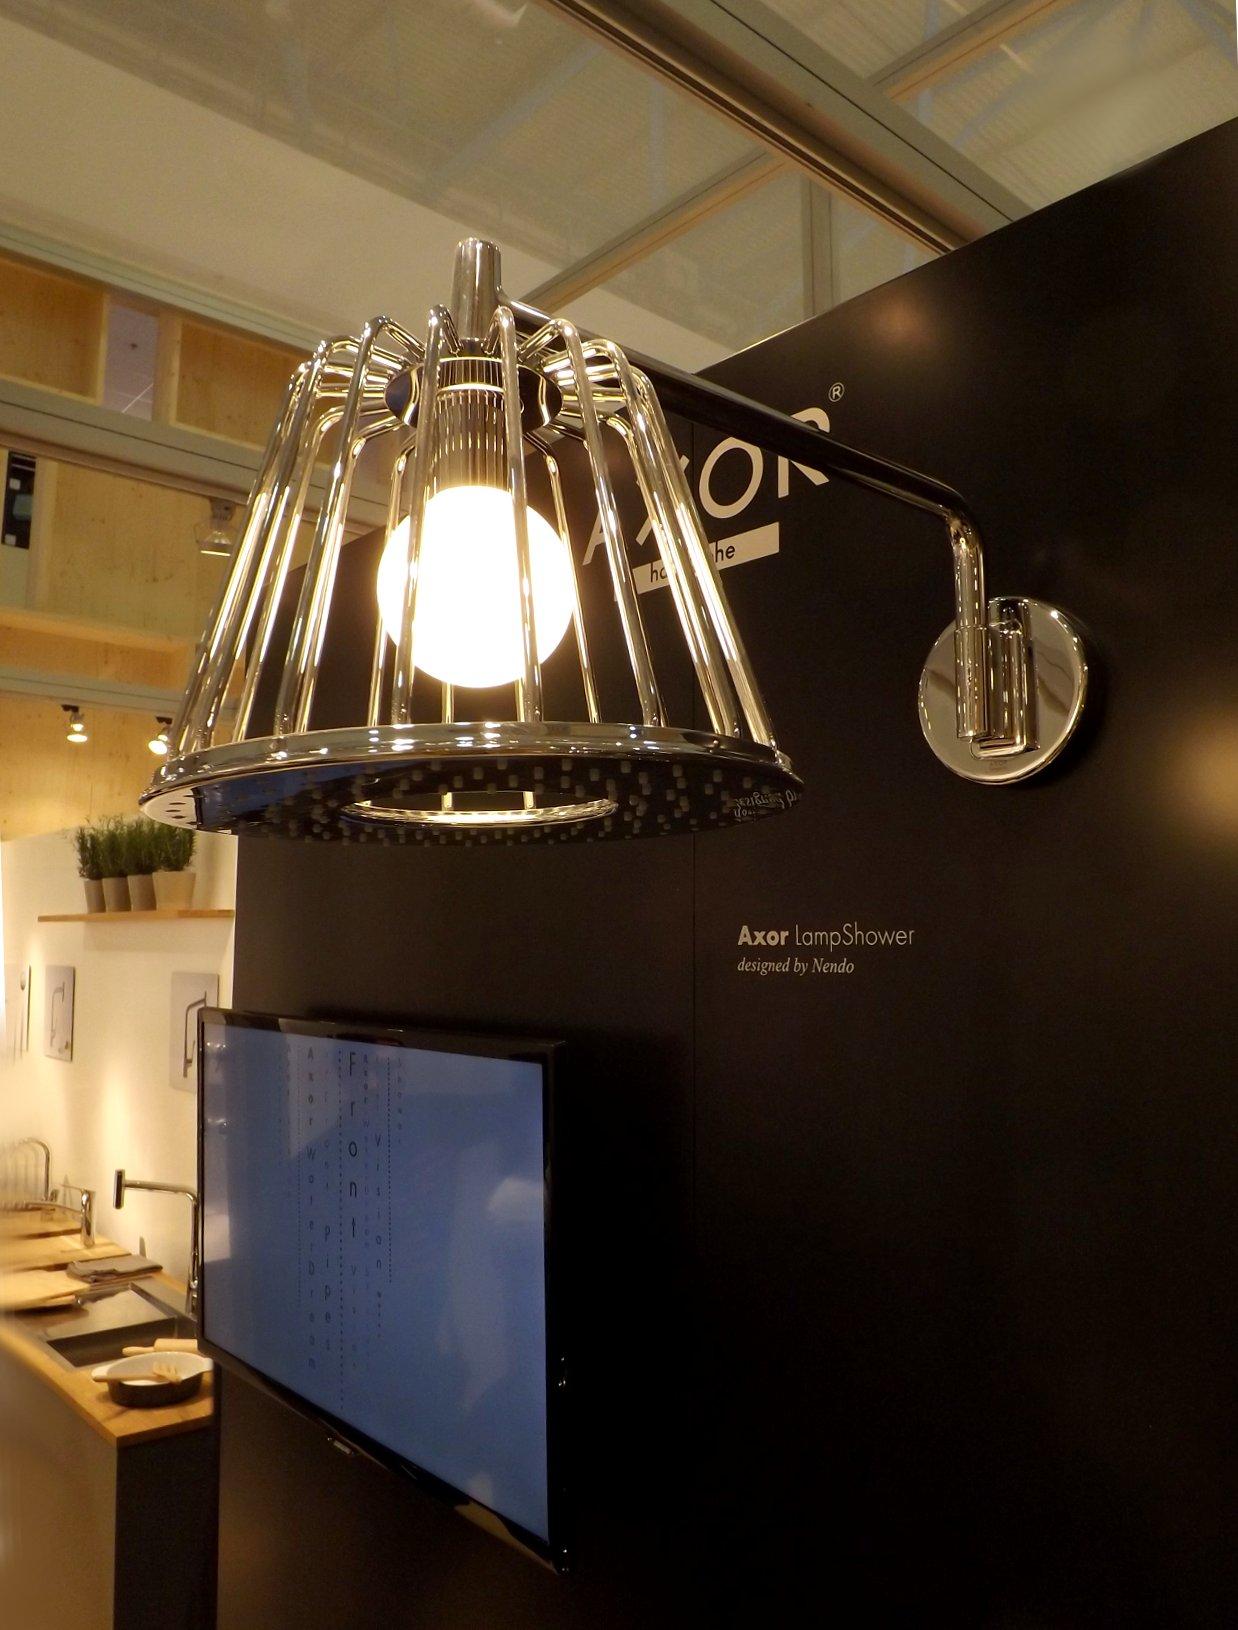 Модные тренды сантехники и аксессуаров для ванной 2016: душевая лейка-светильник на экспозиции от Hansgrohe на экспозиции от Roca во время выставки MosBuild